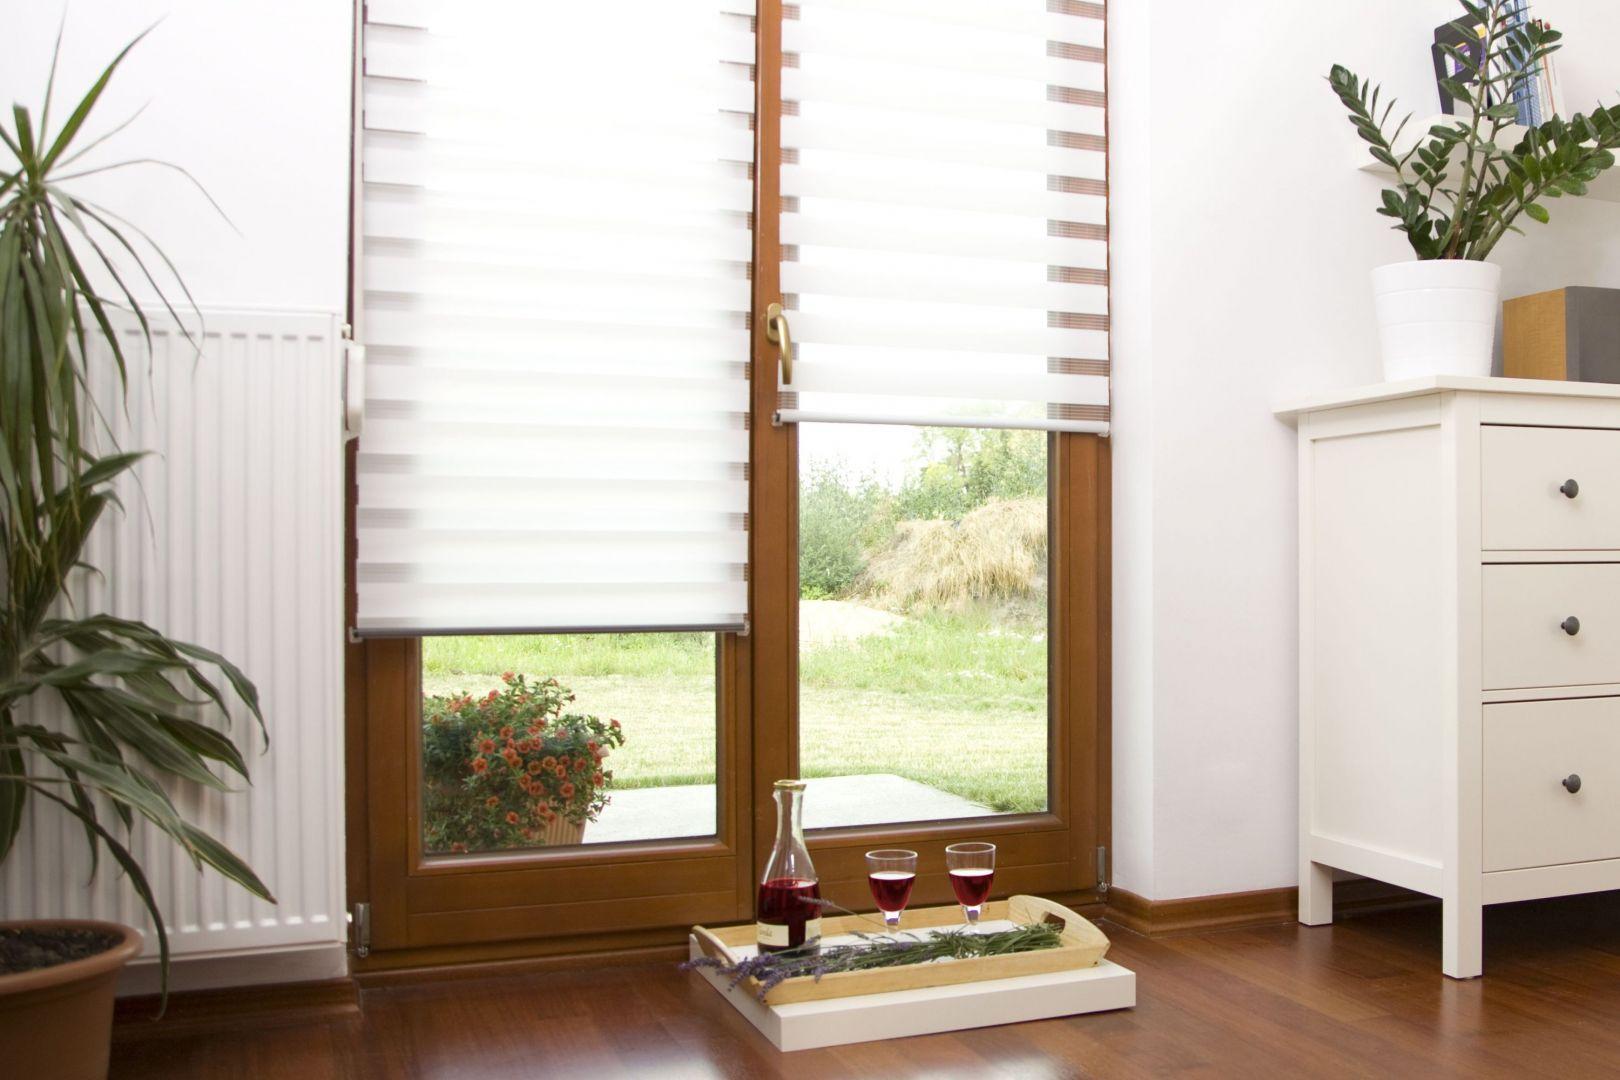 Jak wybrać najlepszą osłonę okien na parterze